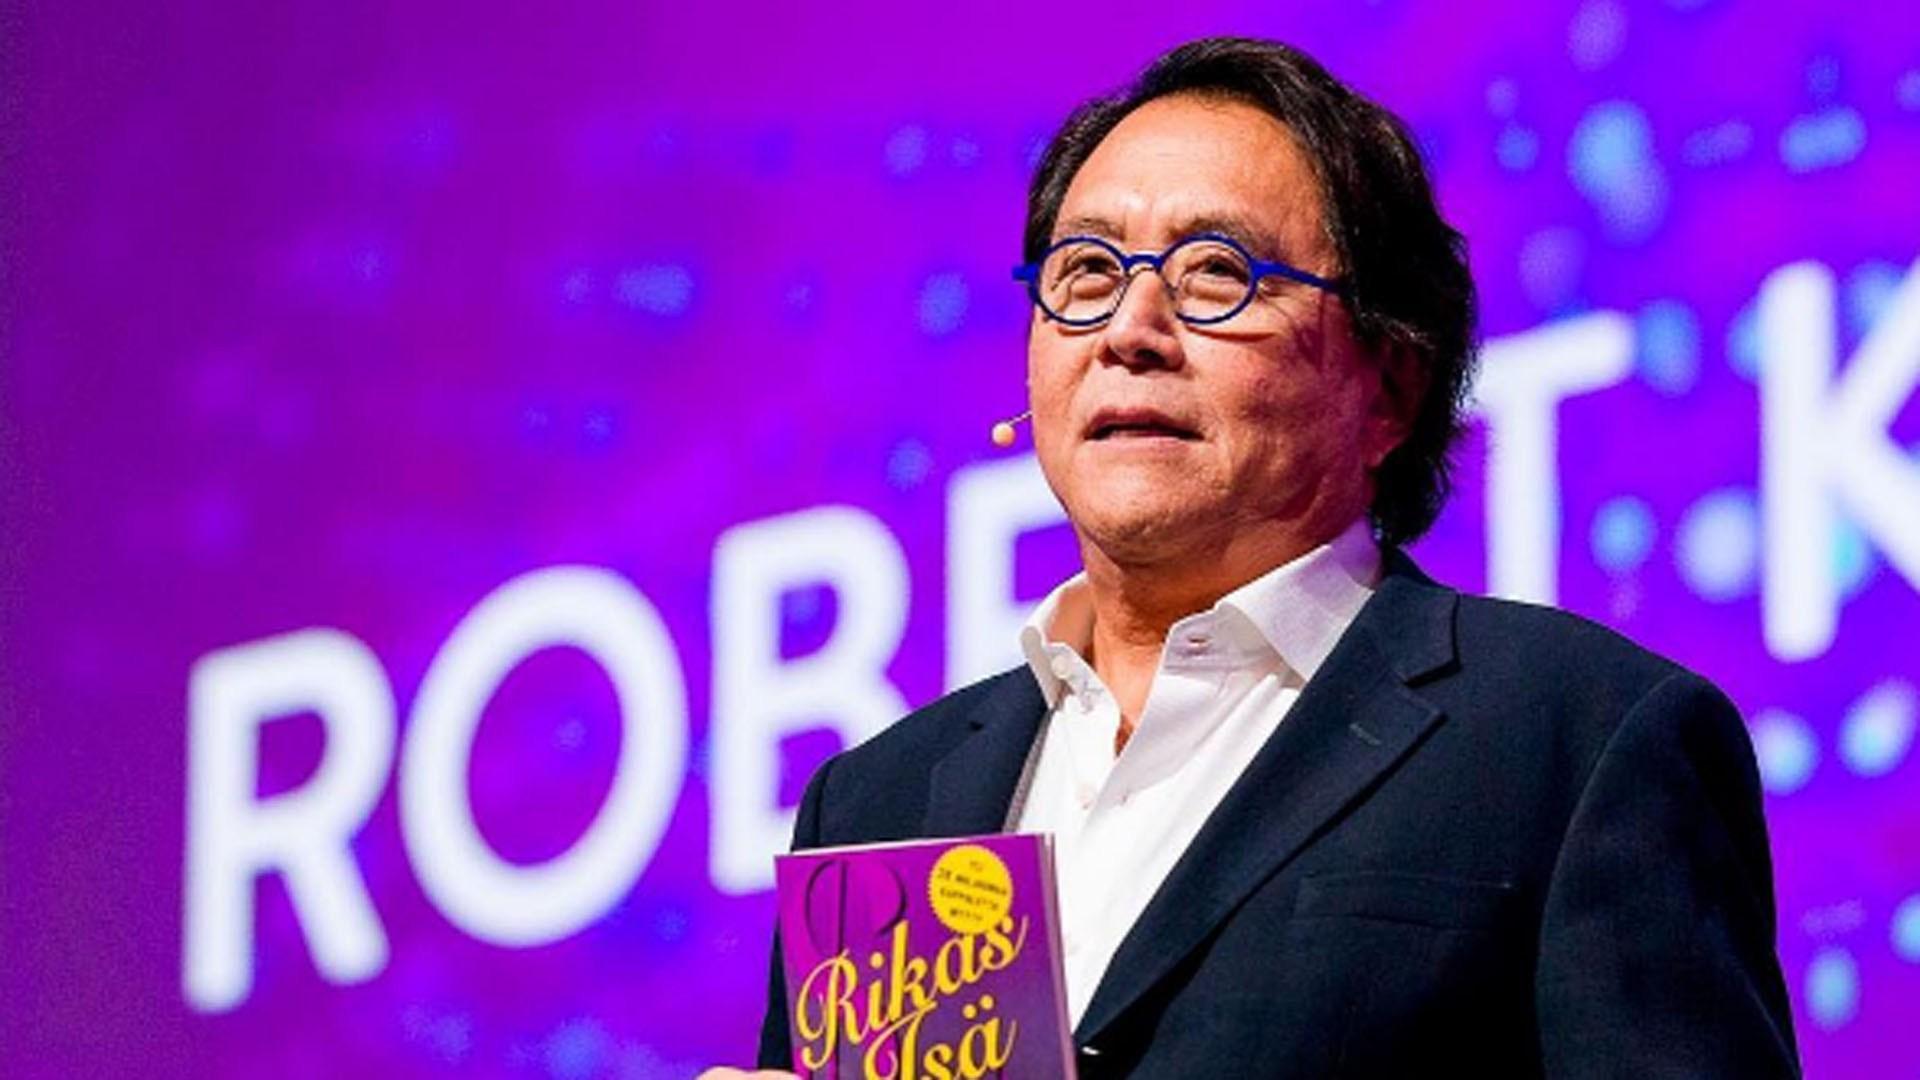 Legendario inversor Robert Kiyosaki ve el precio del Bitcoin aumentar a 75 mil dólares en los próximos tres años